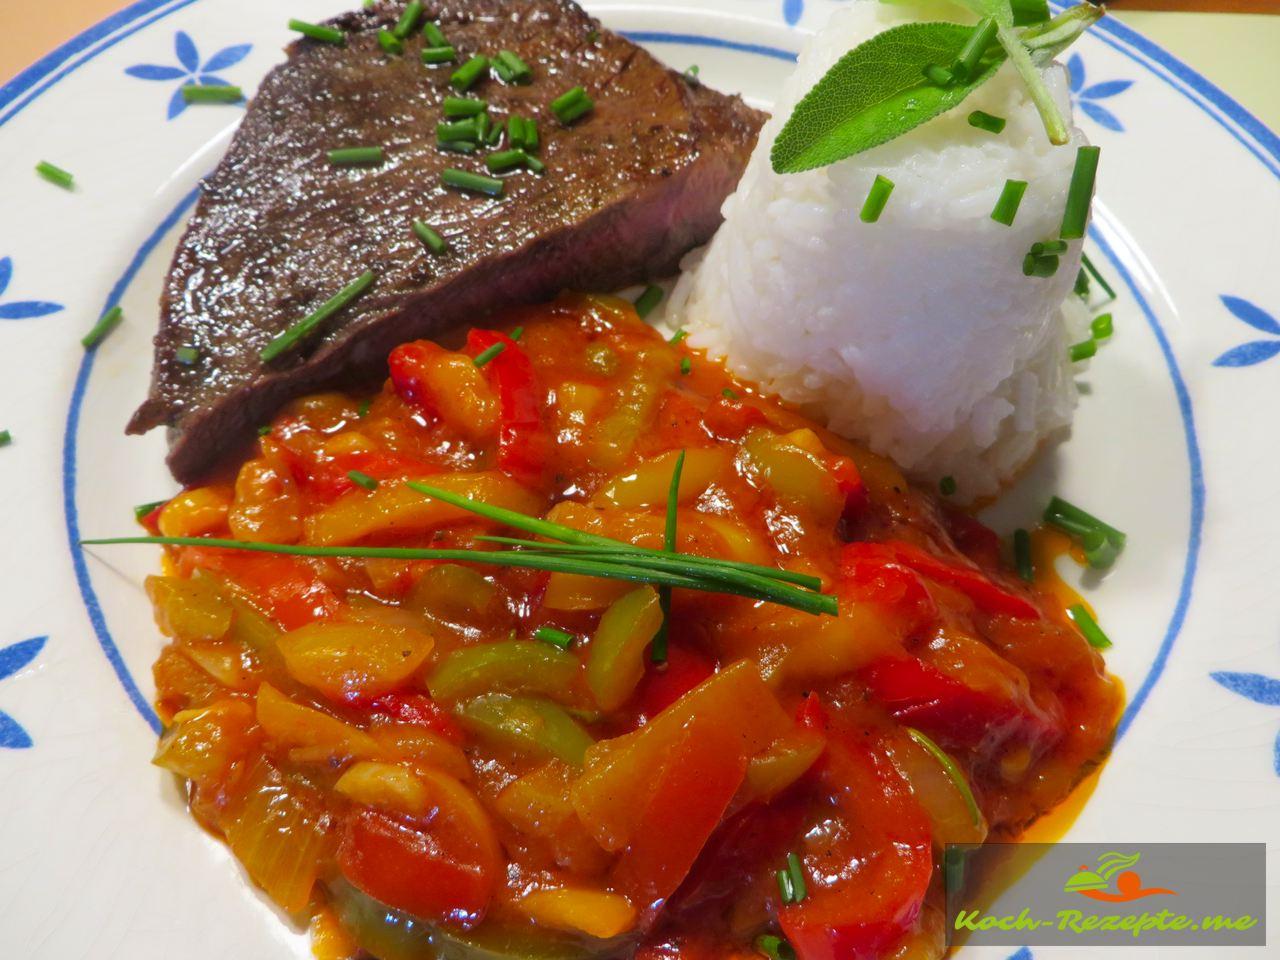 Angerichtet auf einen Teller Steak, Reis und  Piperade á la basquaise , Paprikagemüse